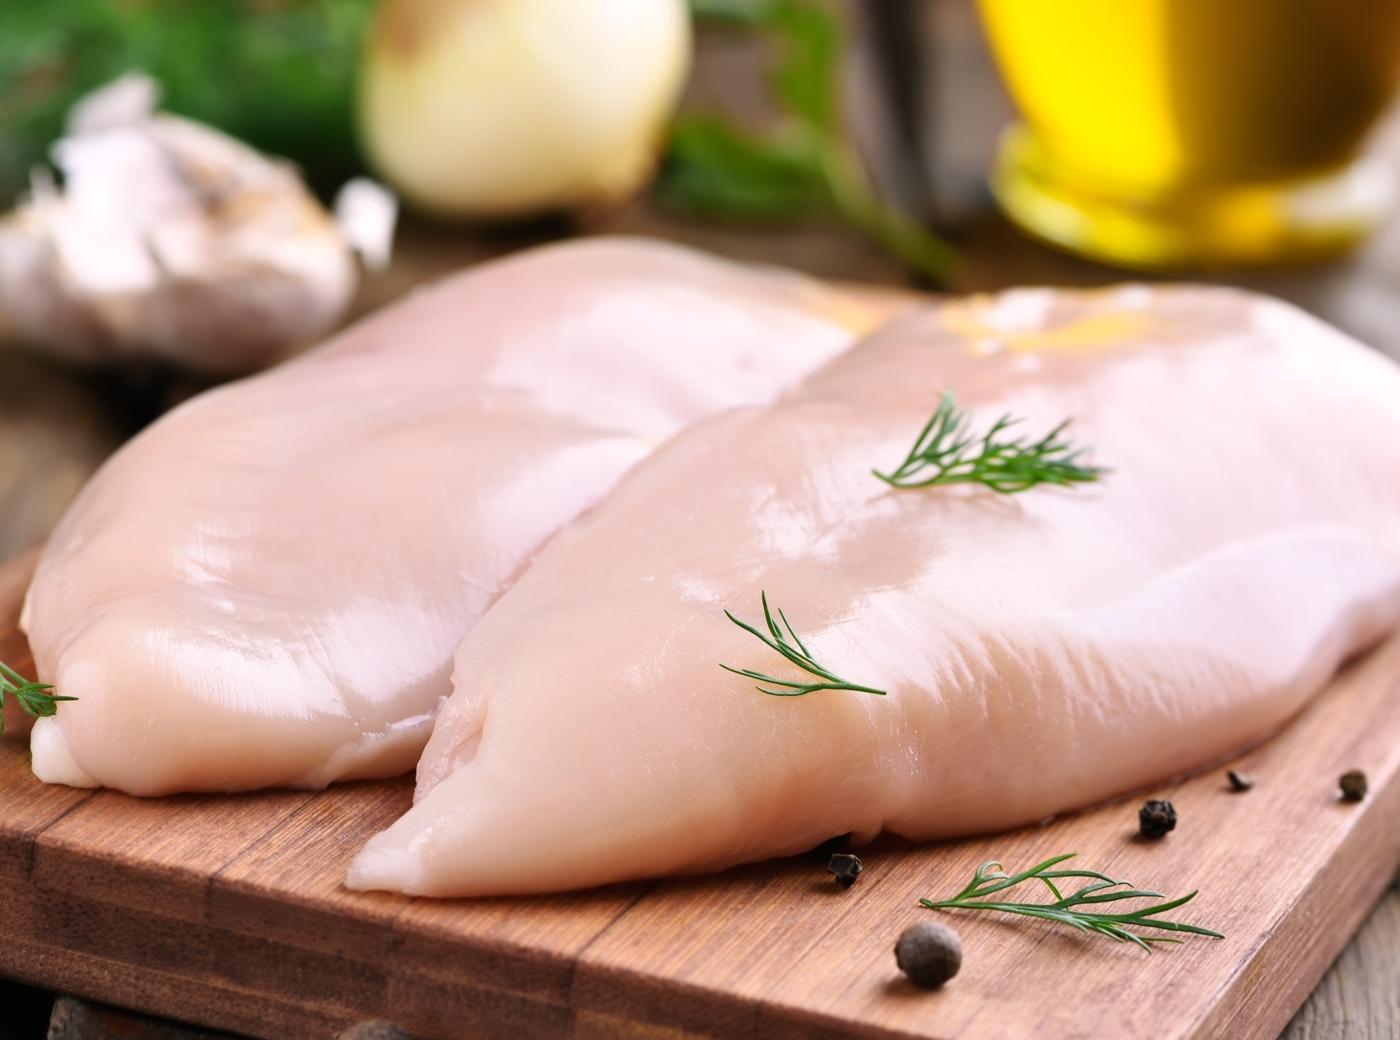 Diarreia e alimentação: comer carnes magras